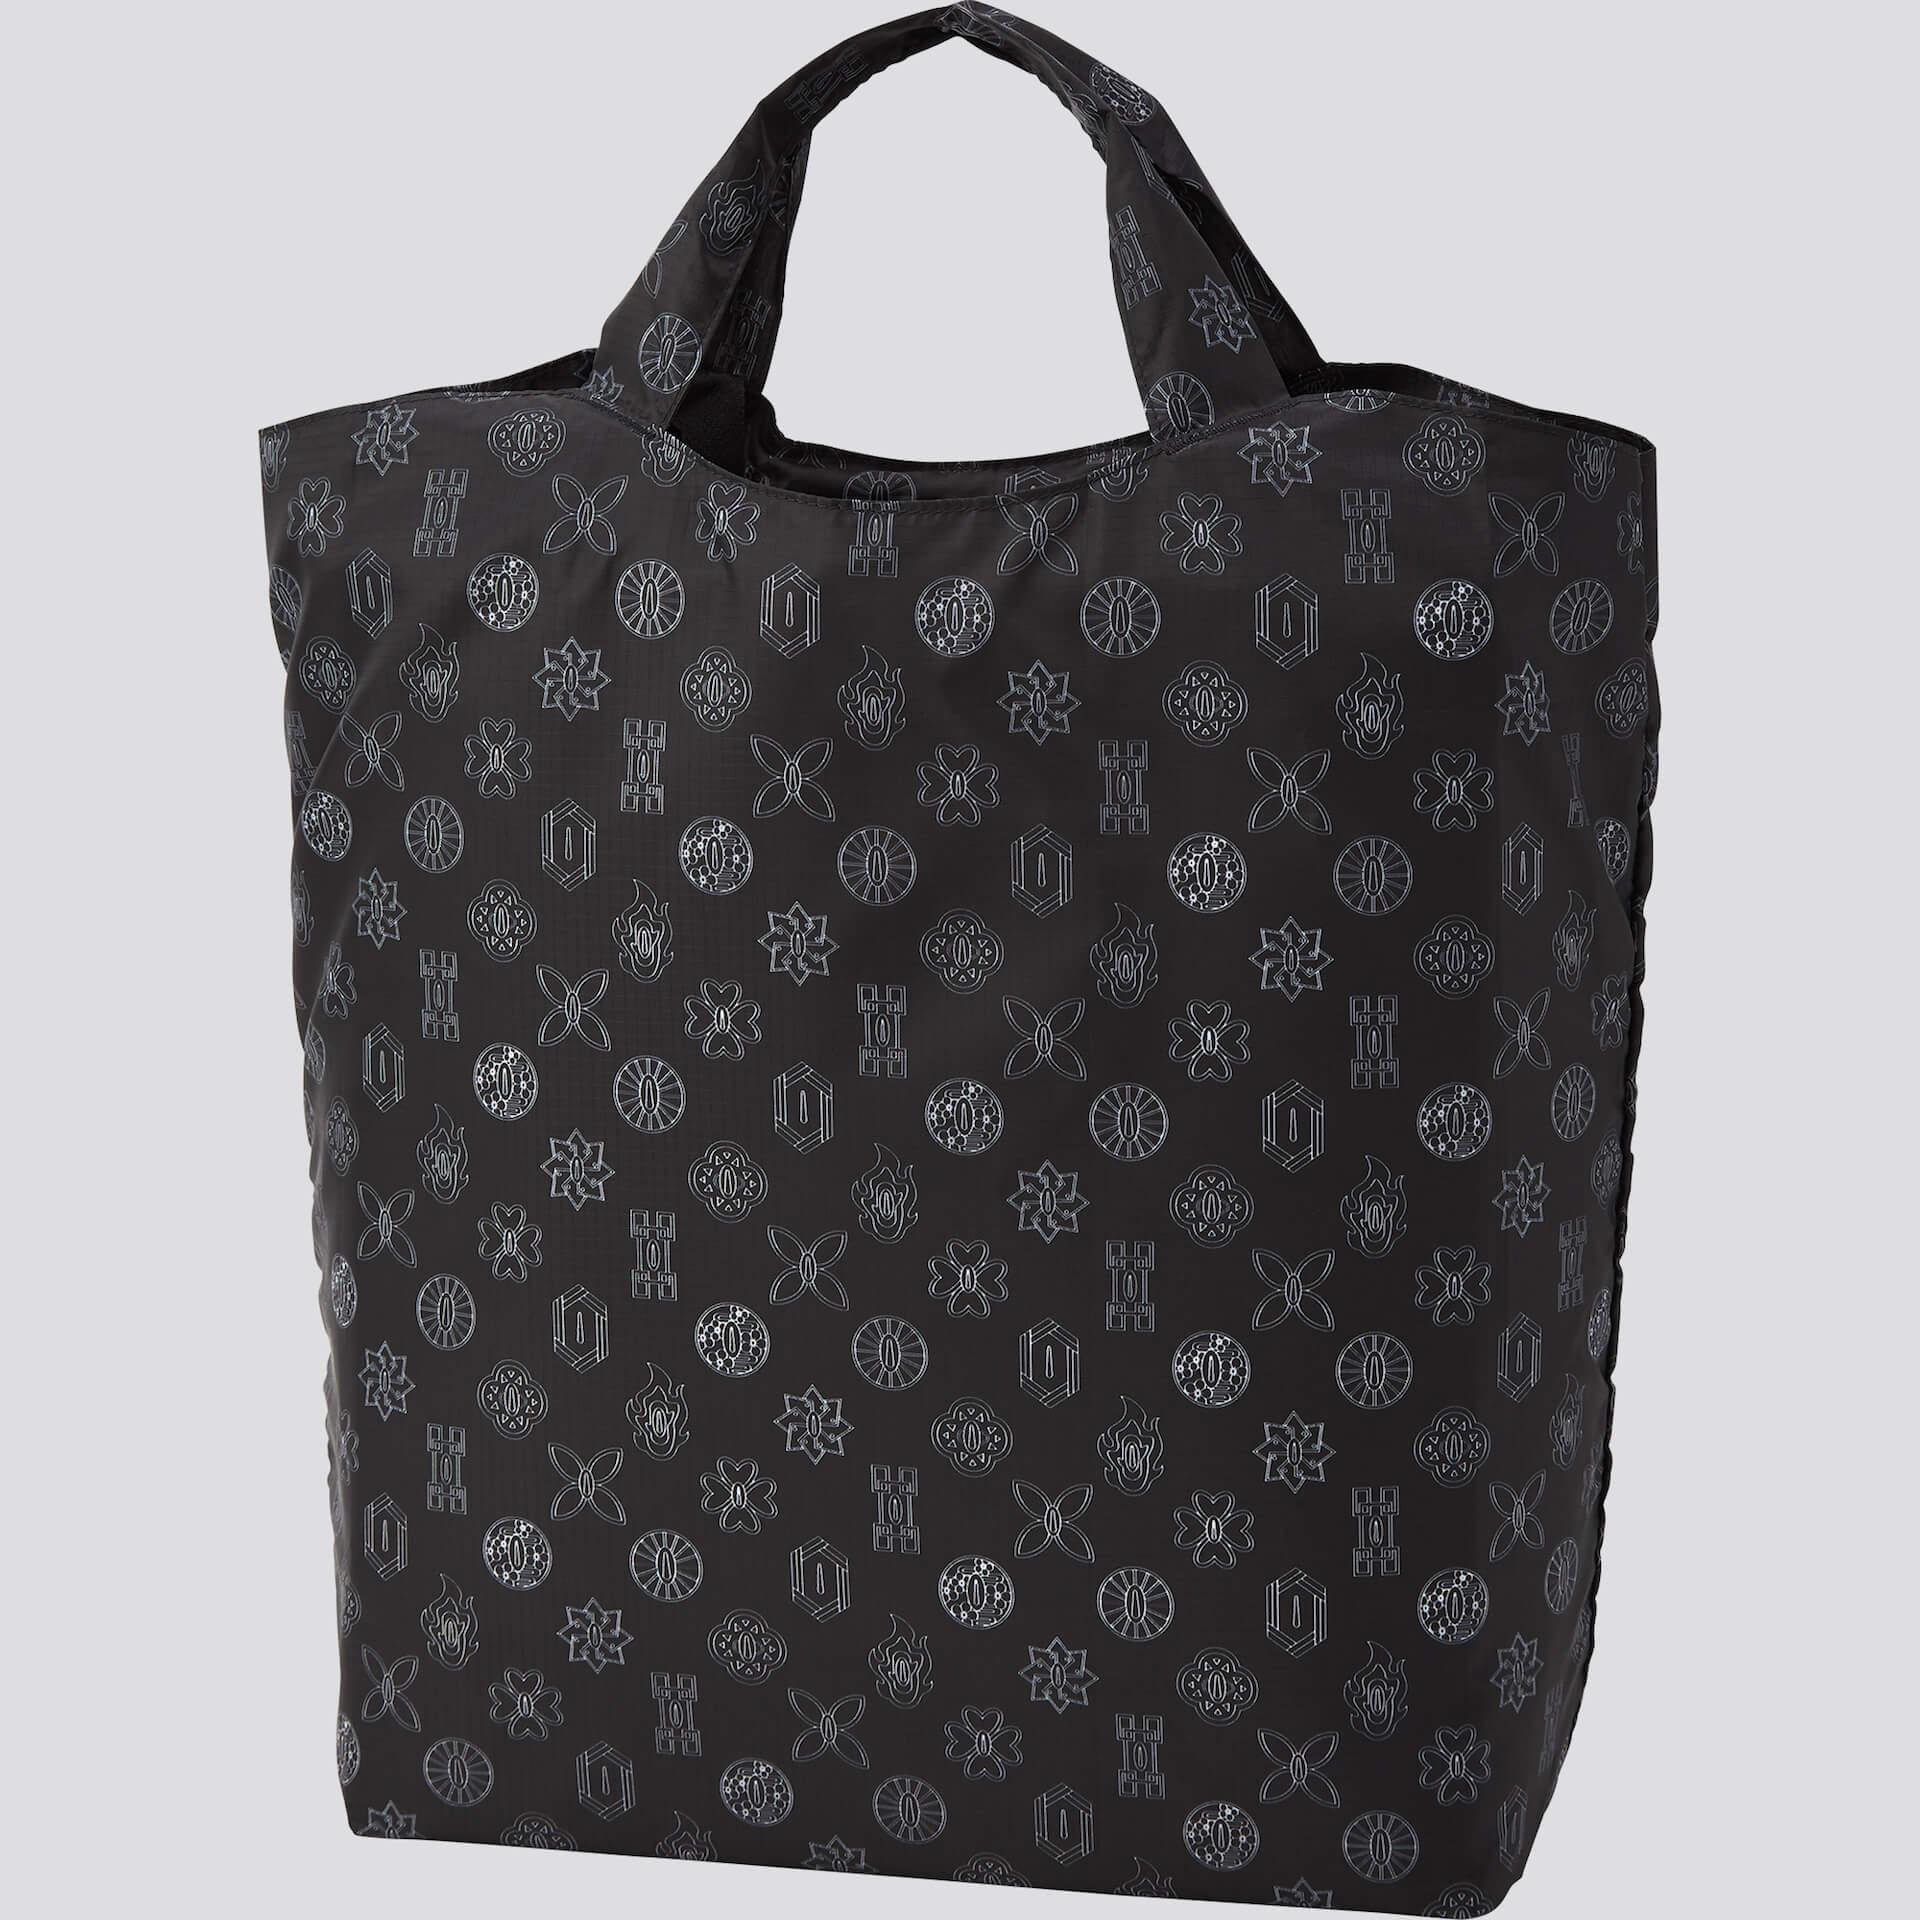 『鬼滅の刃』とユニクロ「UT」コラボ第2弾のコレクションがついに発表!着物や鍔をイメージしたバッグ&タオルも登場 life200817_kimetsu_ut_25